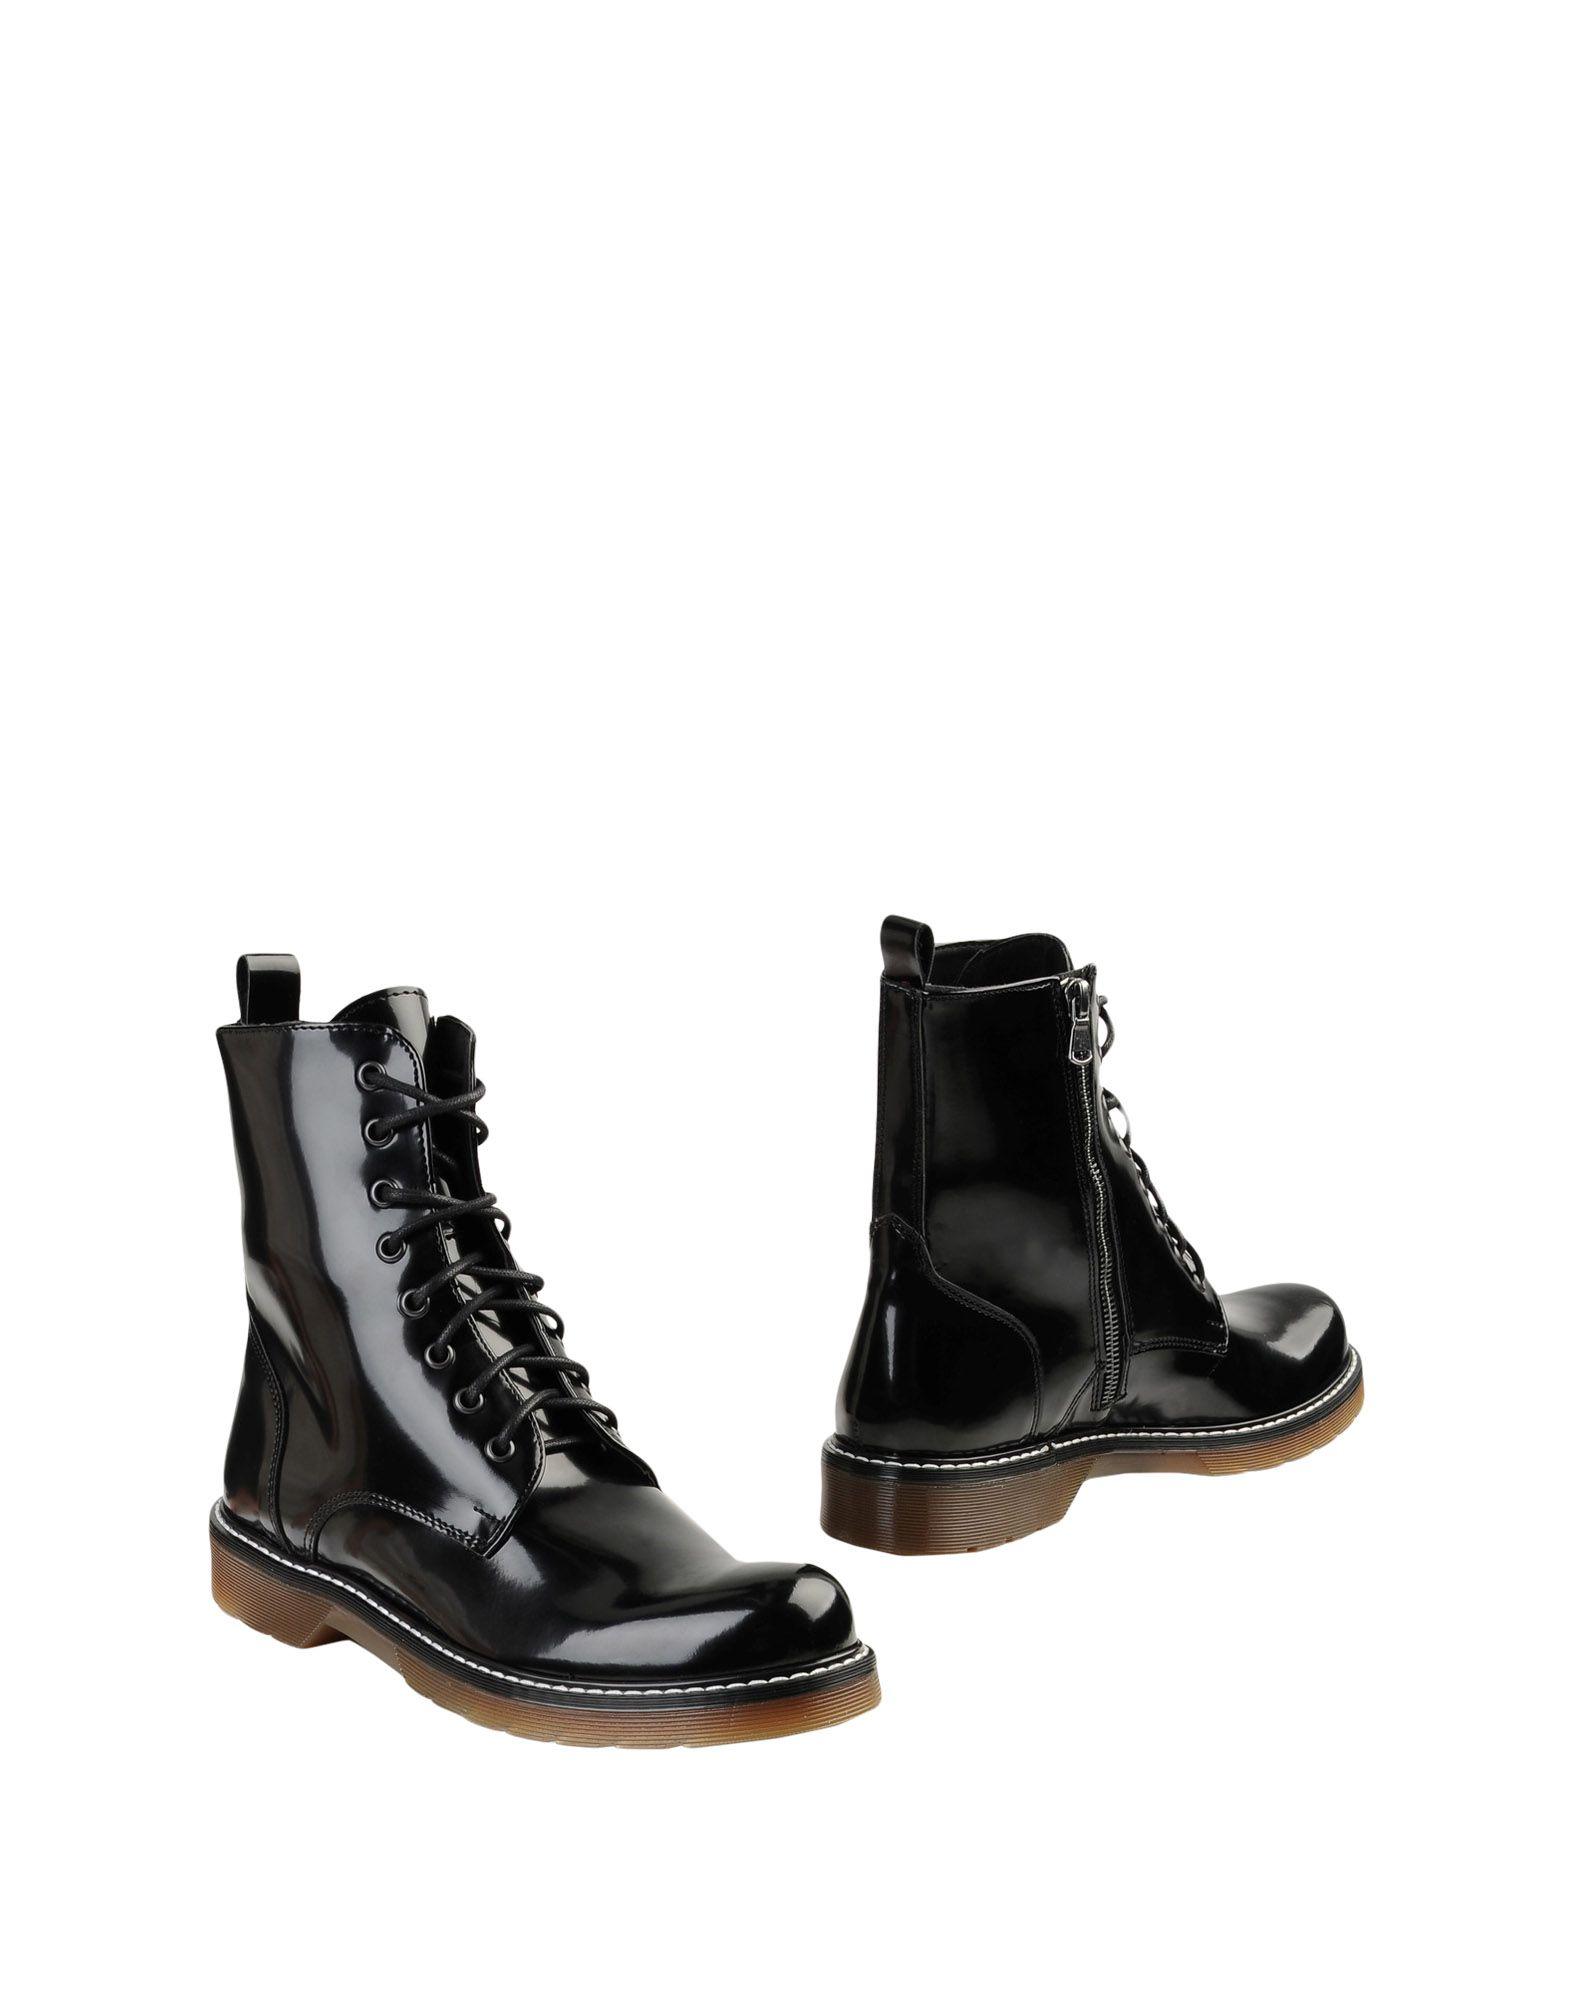 Pierre Darré Stiefelette Damen  11521499EO Gute Qualität beliebte Schuhe